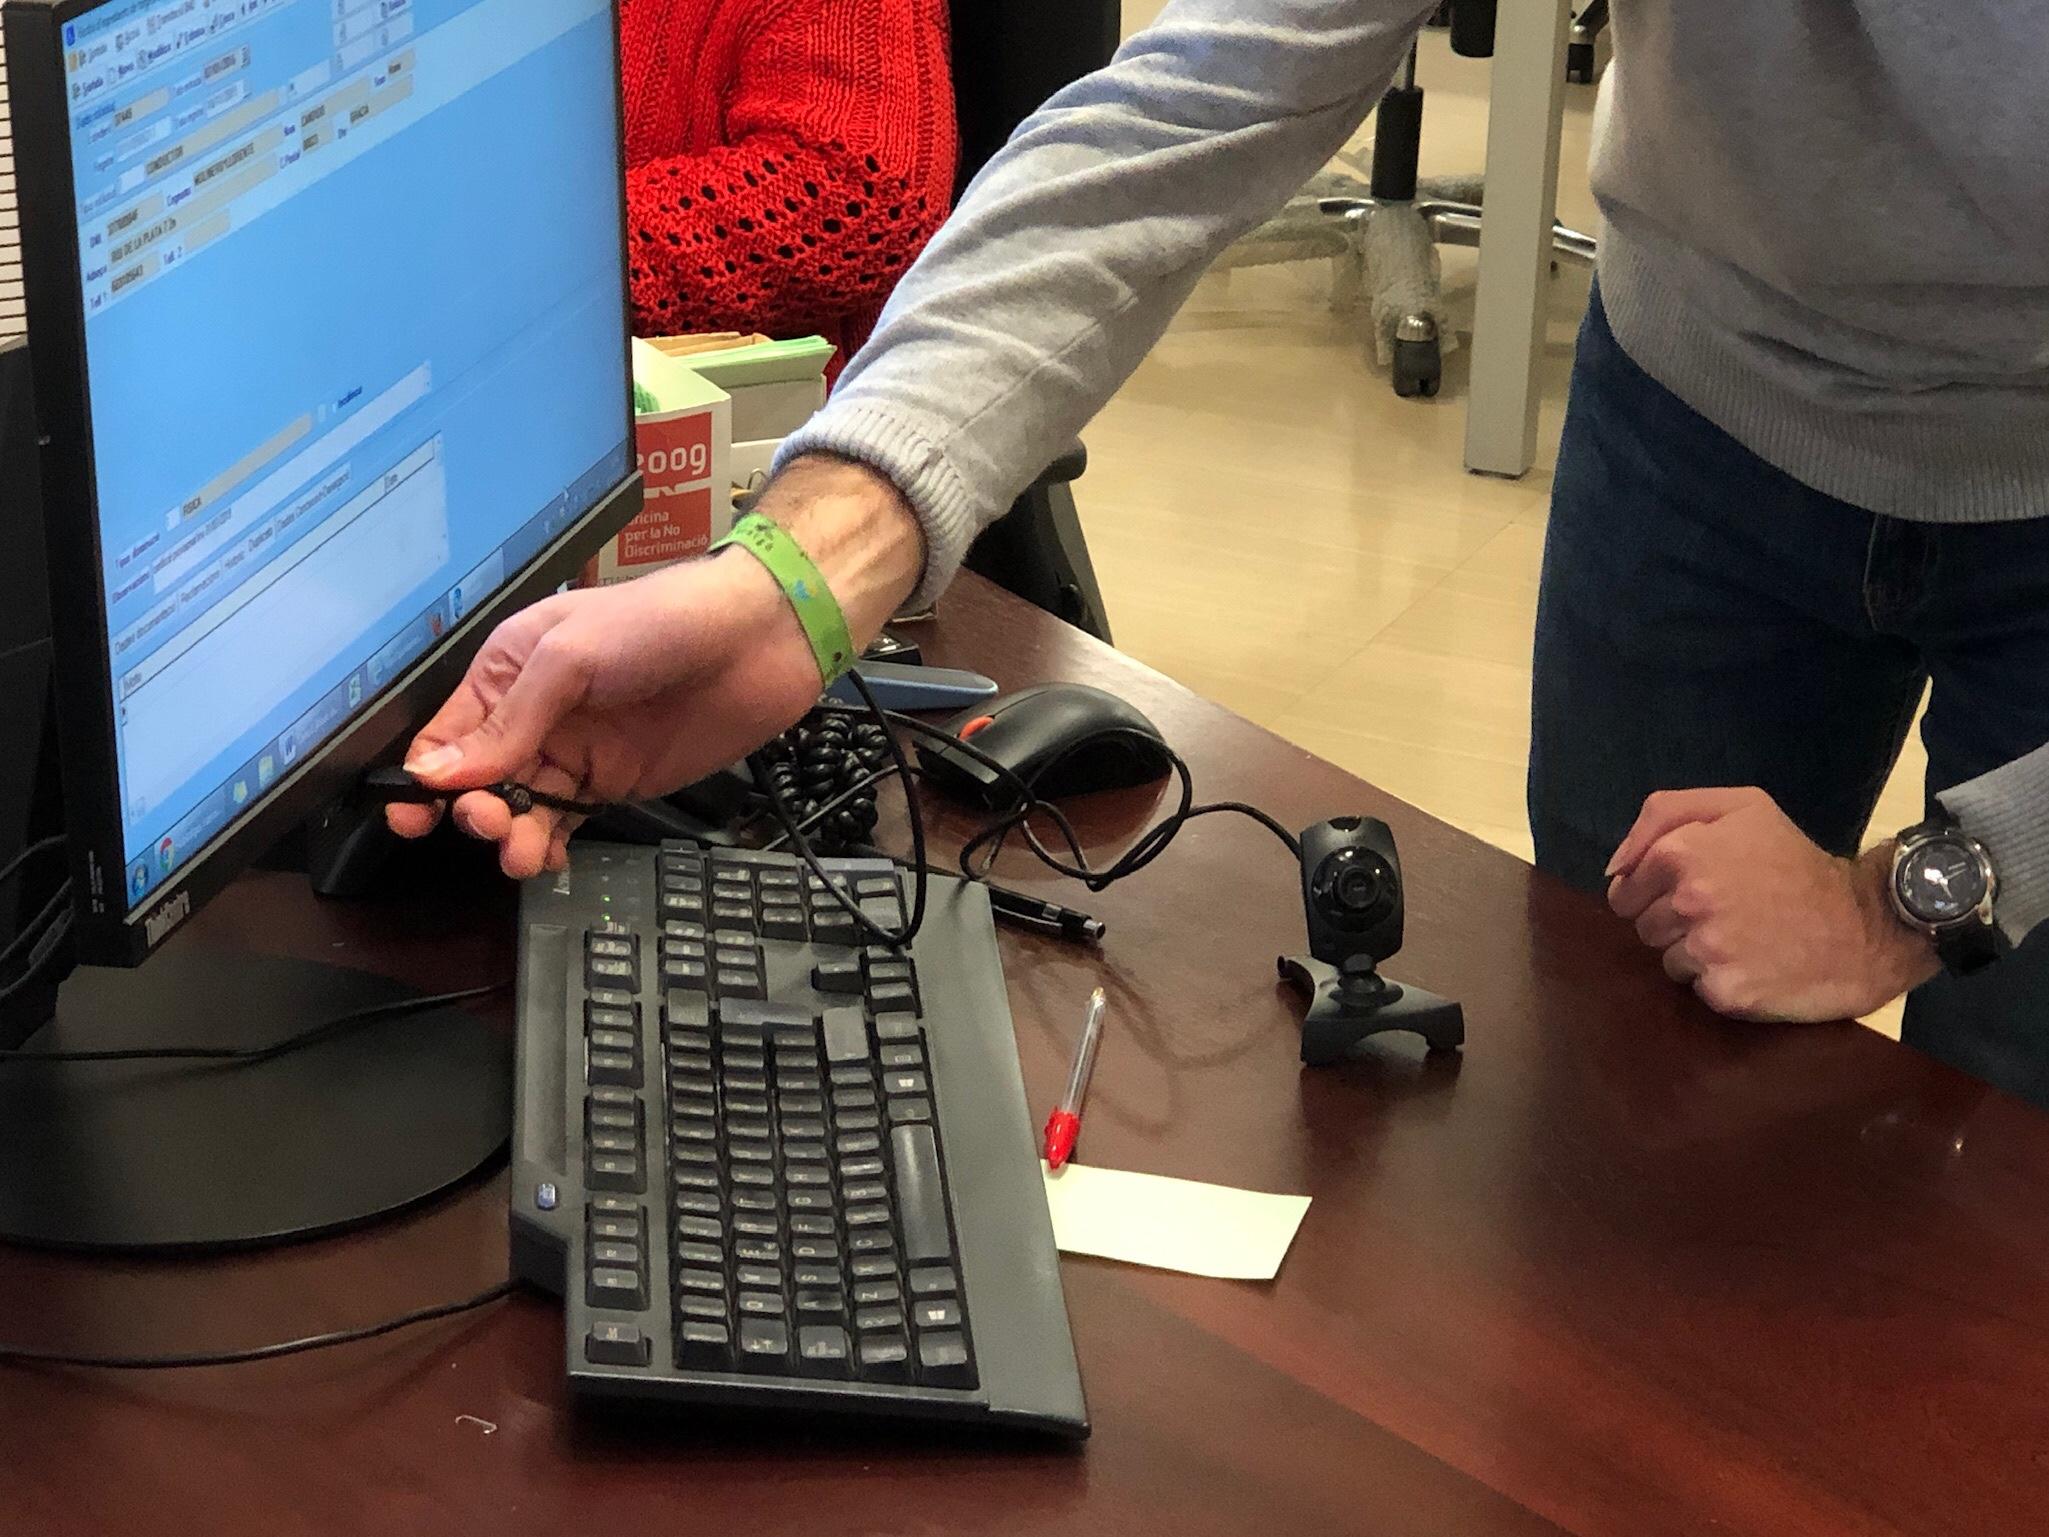 Eine Video-Kamera wird an den Computer angeschlossen